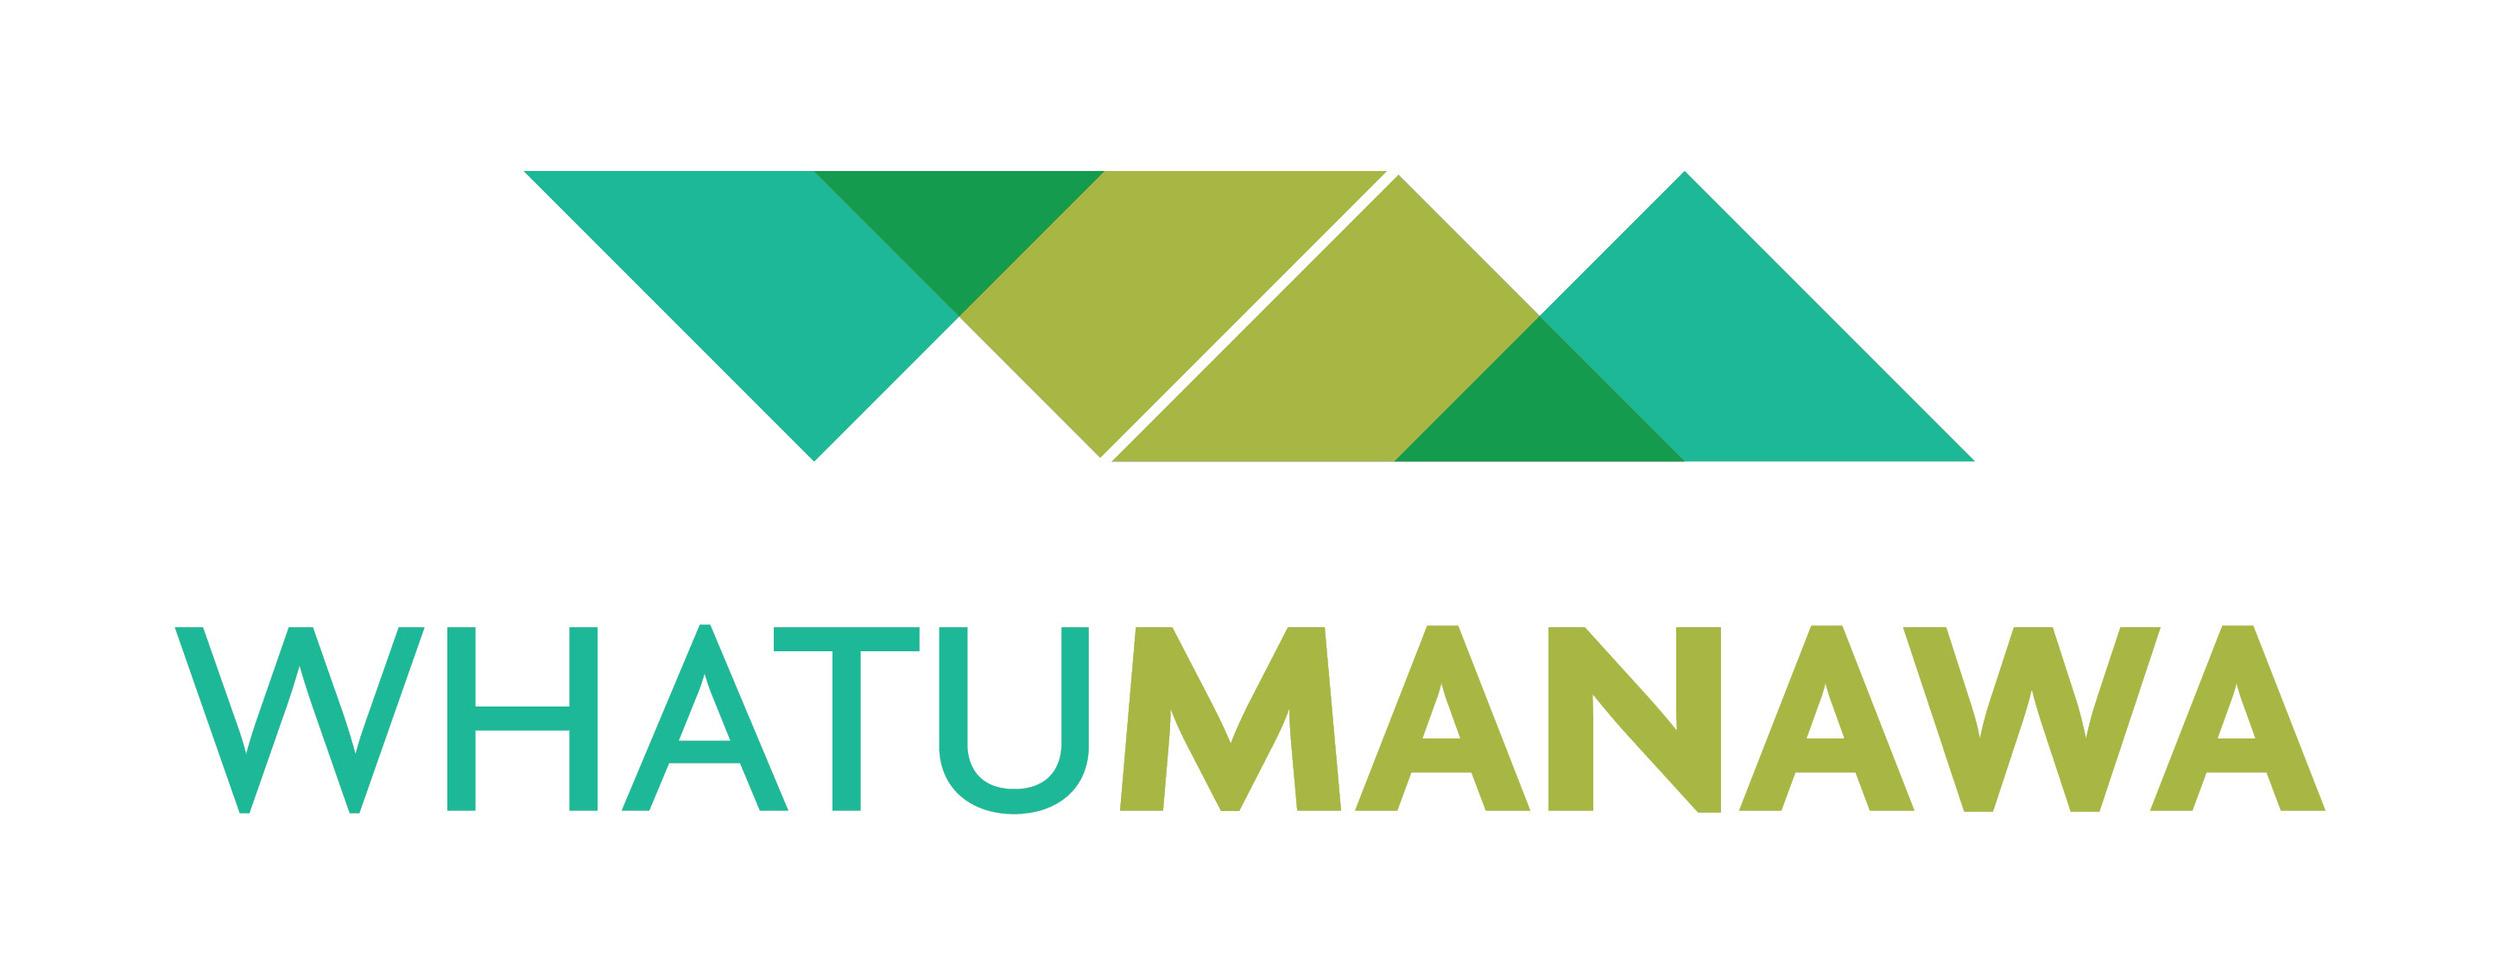 Whatumanawa Logo 1.jpg